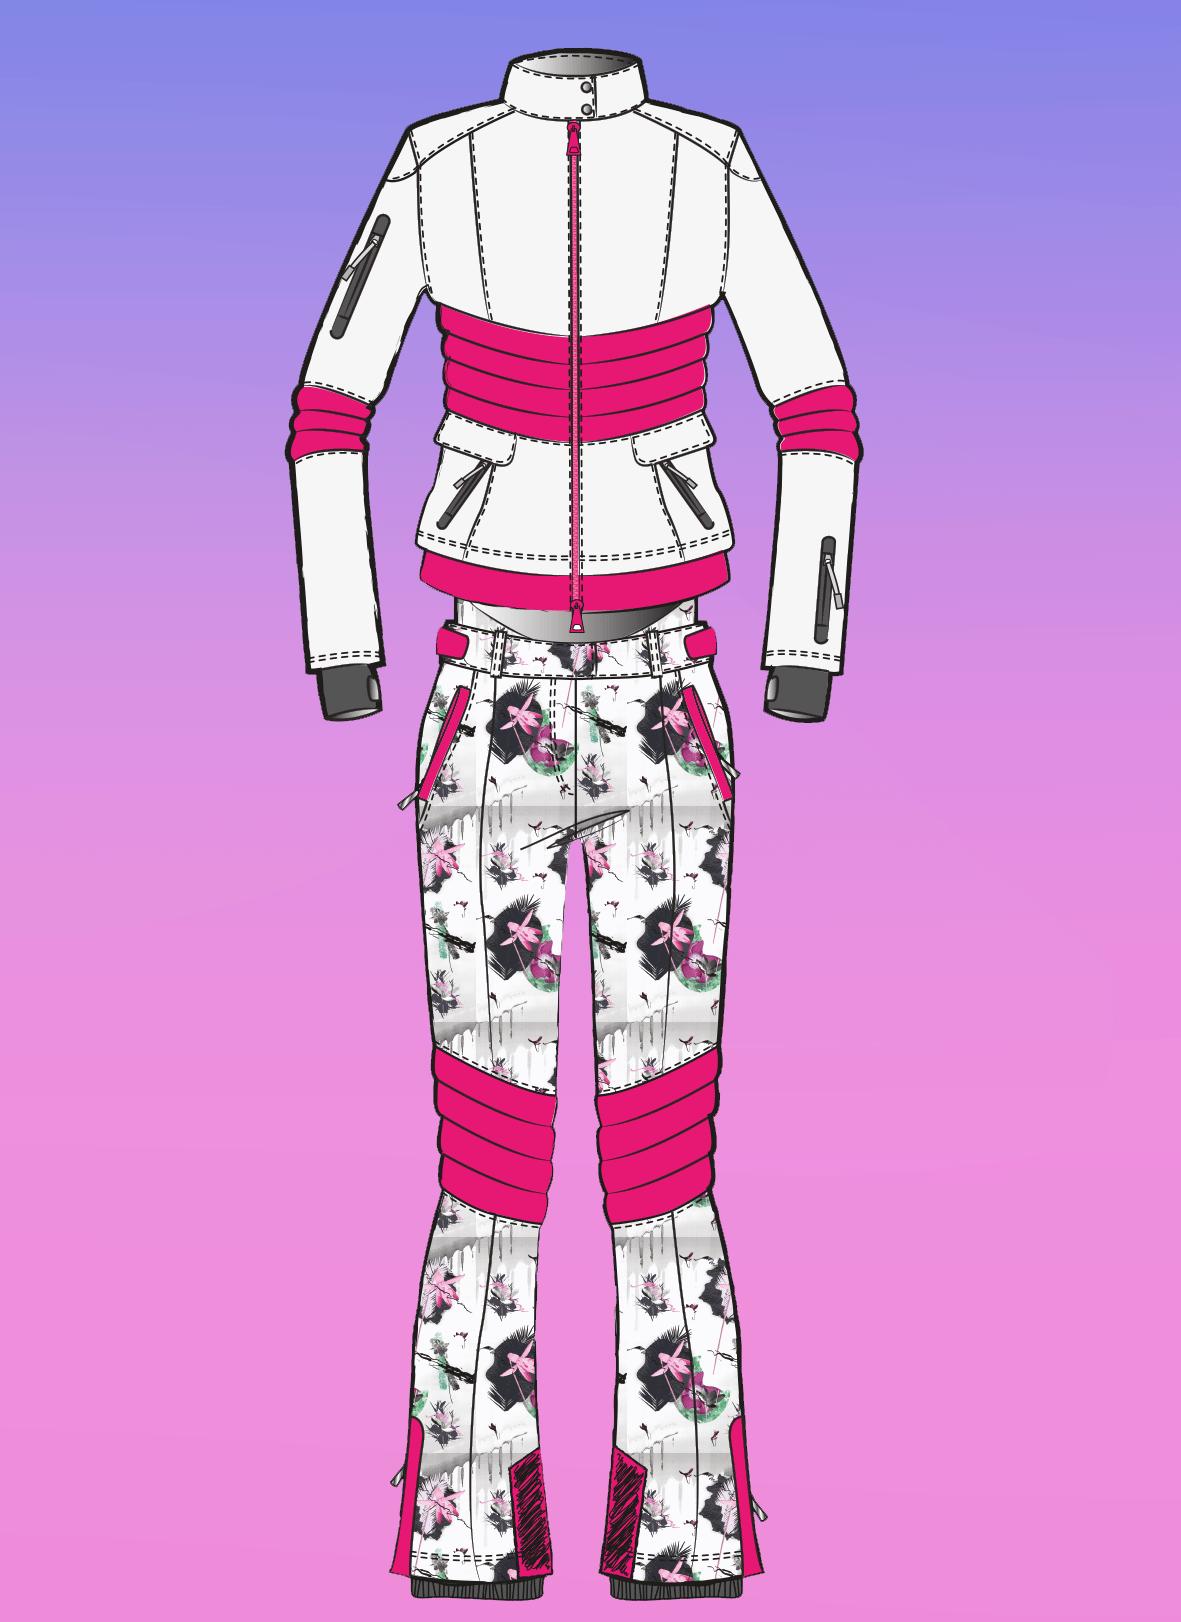 Zu sehen ist die technische Zeichnung der Skijacke und Hose